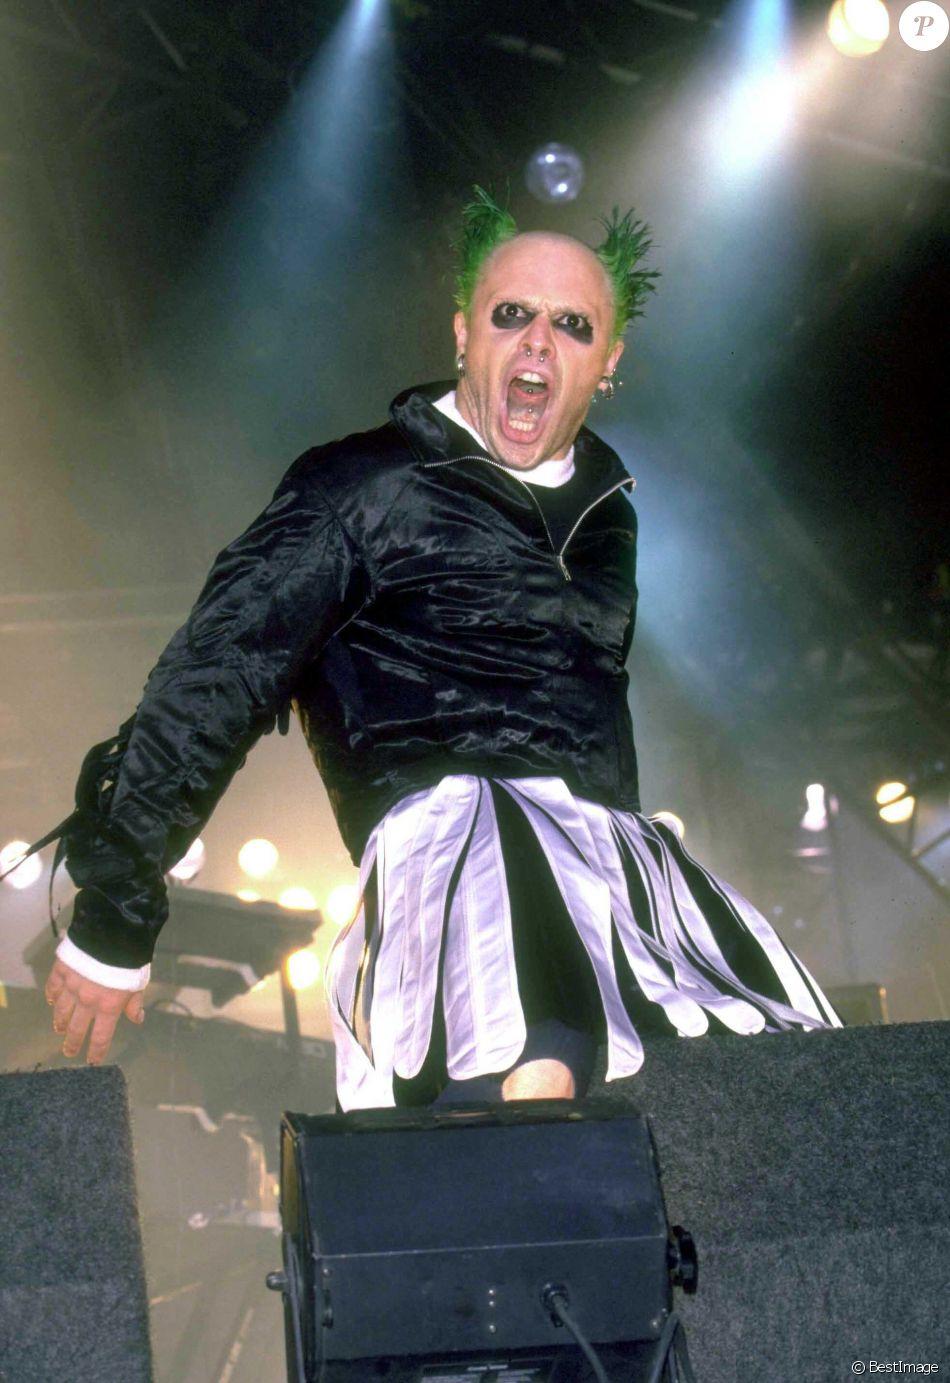 Keith Flint de The Prodigy lors du festival T in the Park à Glasgow en Ecosse en juillet 1996. Le chanteur a été retrouvé mort le 4 mars 2019 à 49 ans.